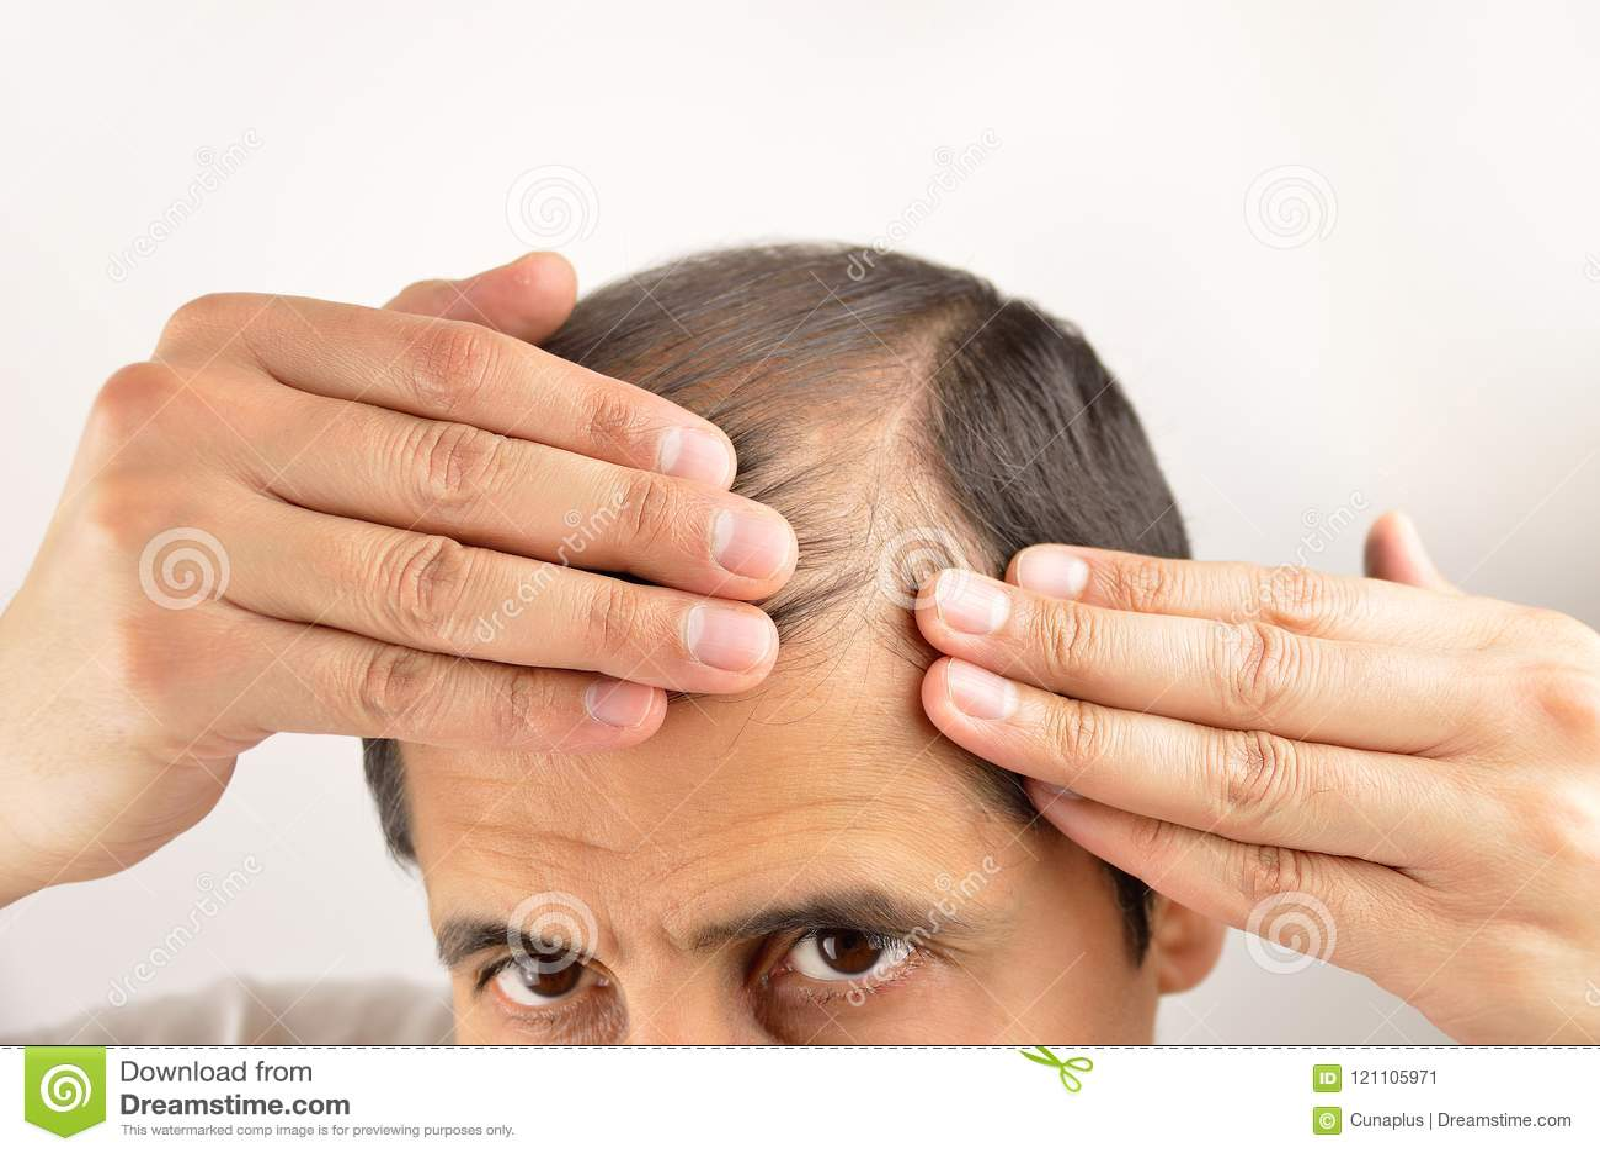 Preocupado por sua queda de cabelo